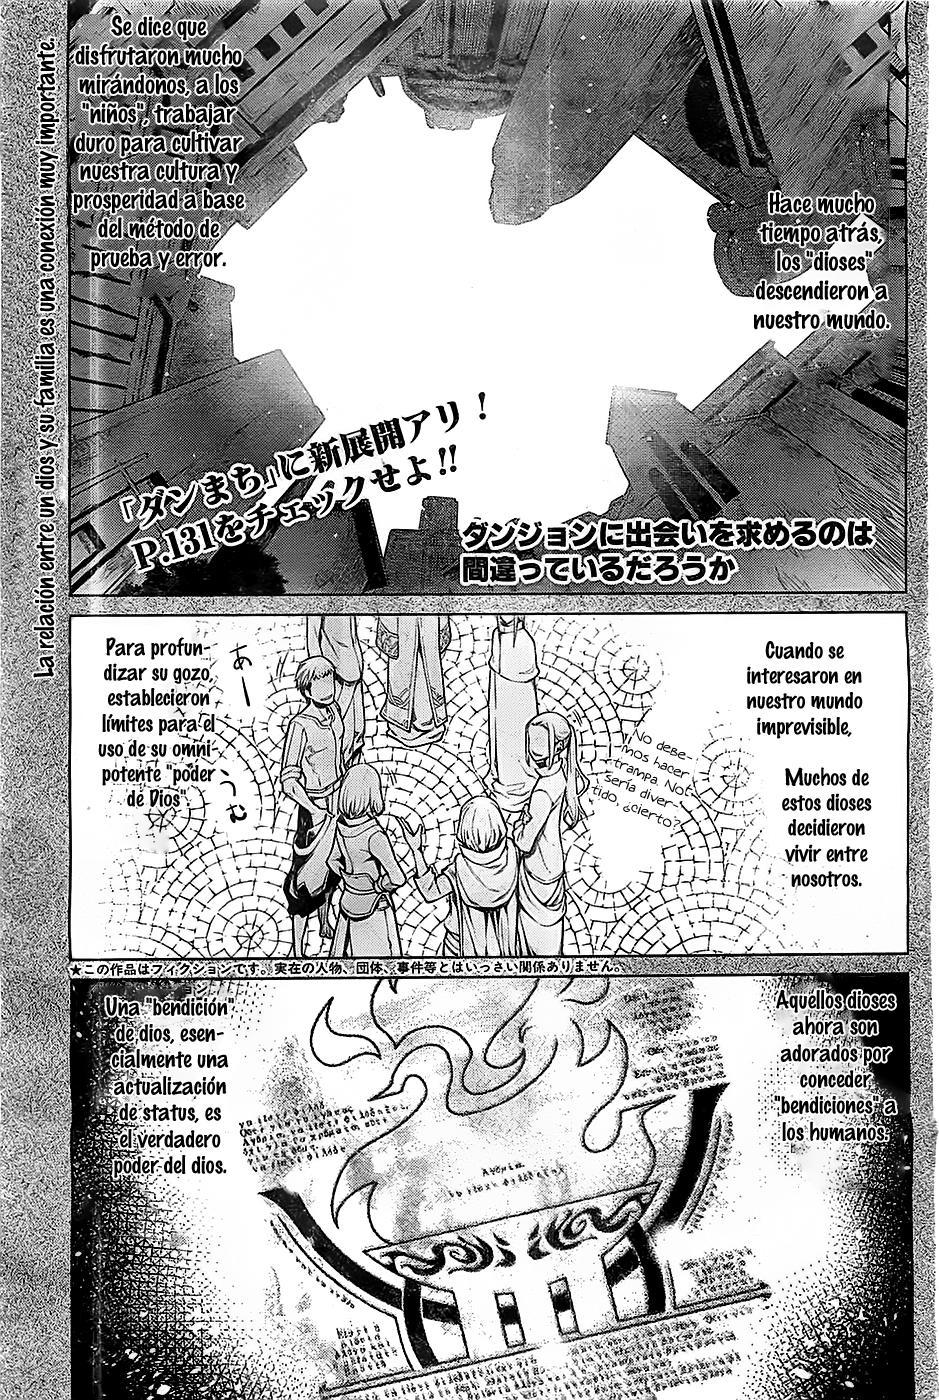 http://c5.ninemanga.com/es_manga/19/14355/356116/1adb706dd4cd8188585eec974d47c47b.jpg Page 5